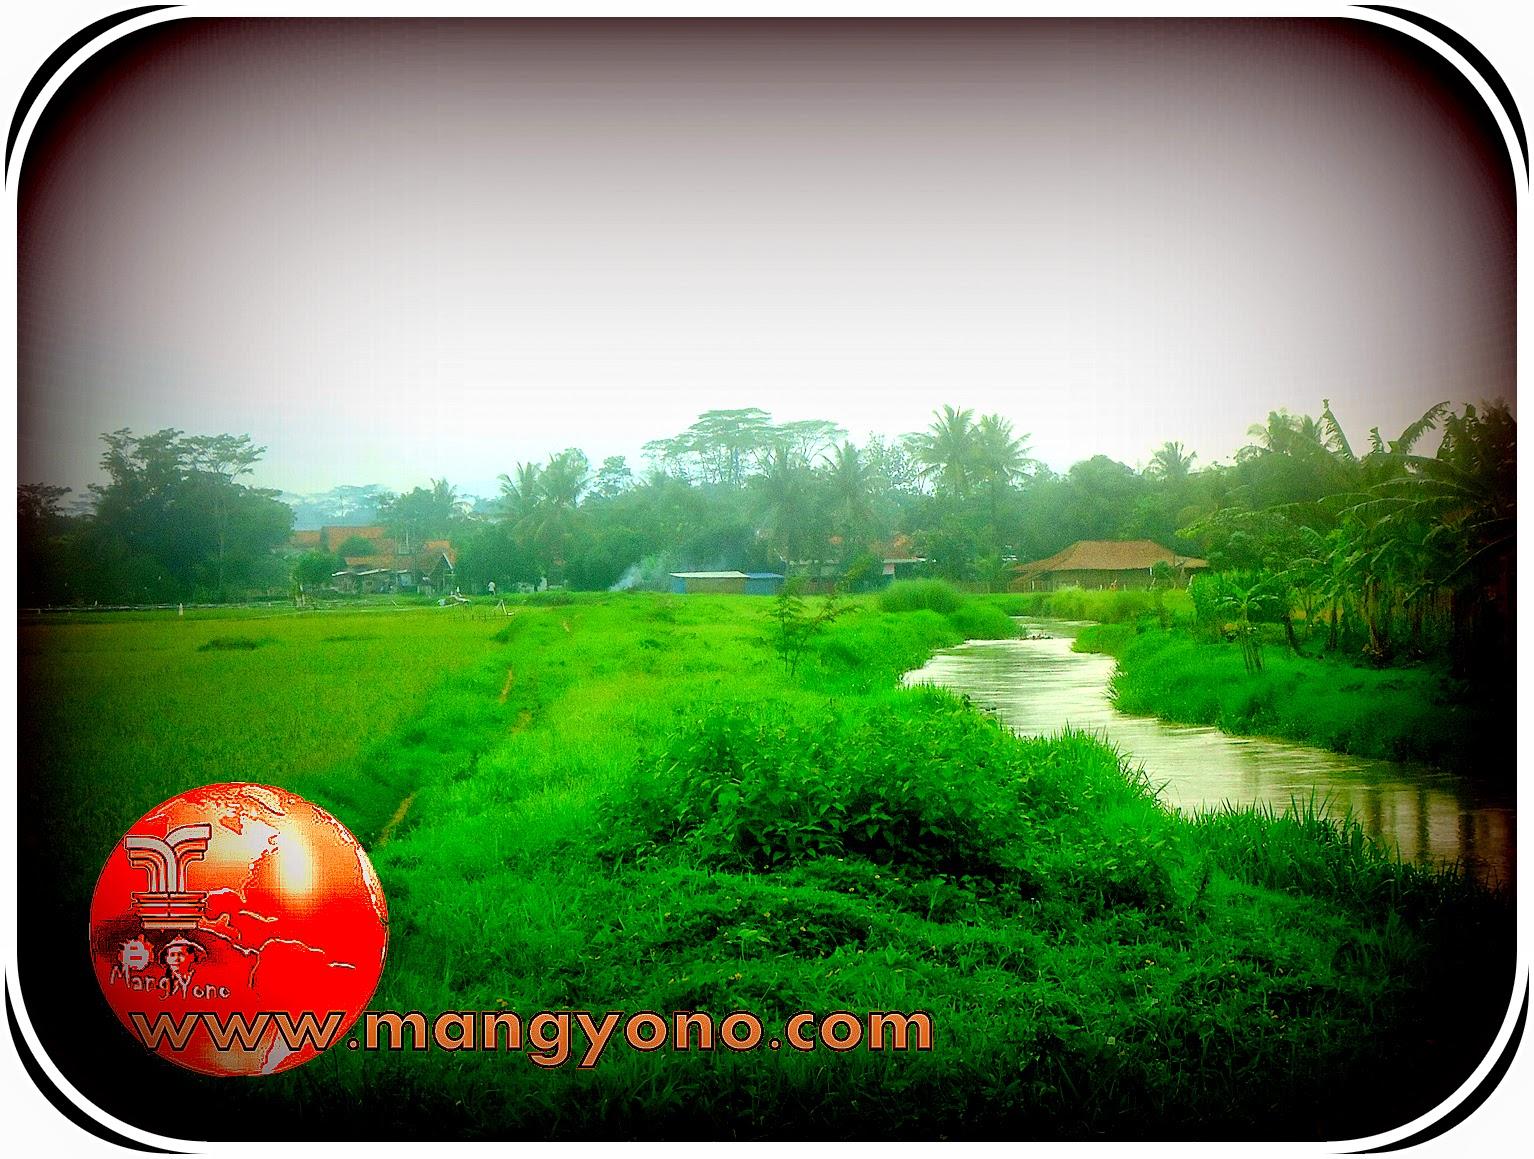 Hantu Lokal Lulun Samak. Waktu saya kecil kalau berenang di sungai diwanti wanti kalo liat tiker mengapung jangan di ambil.